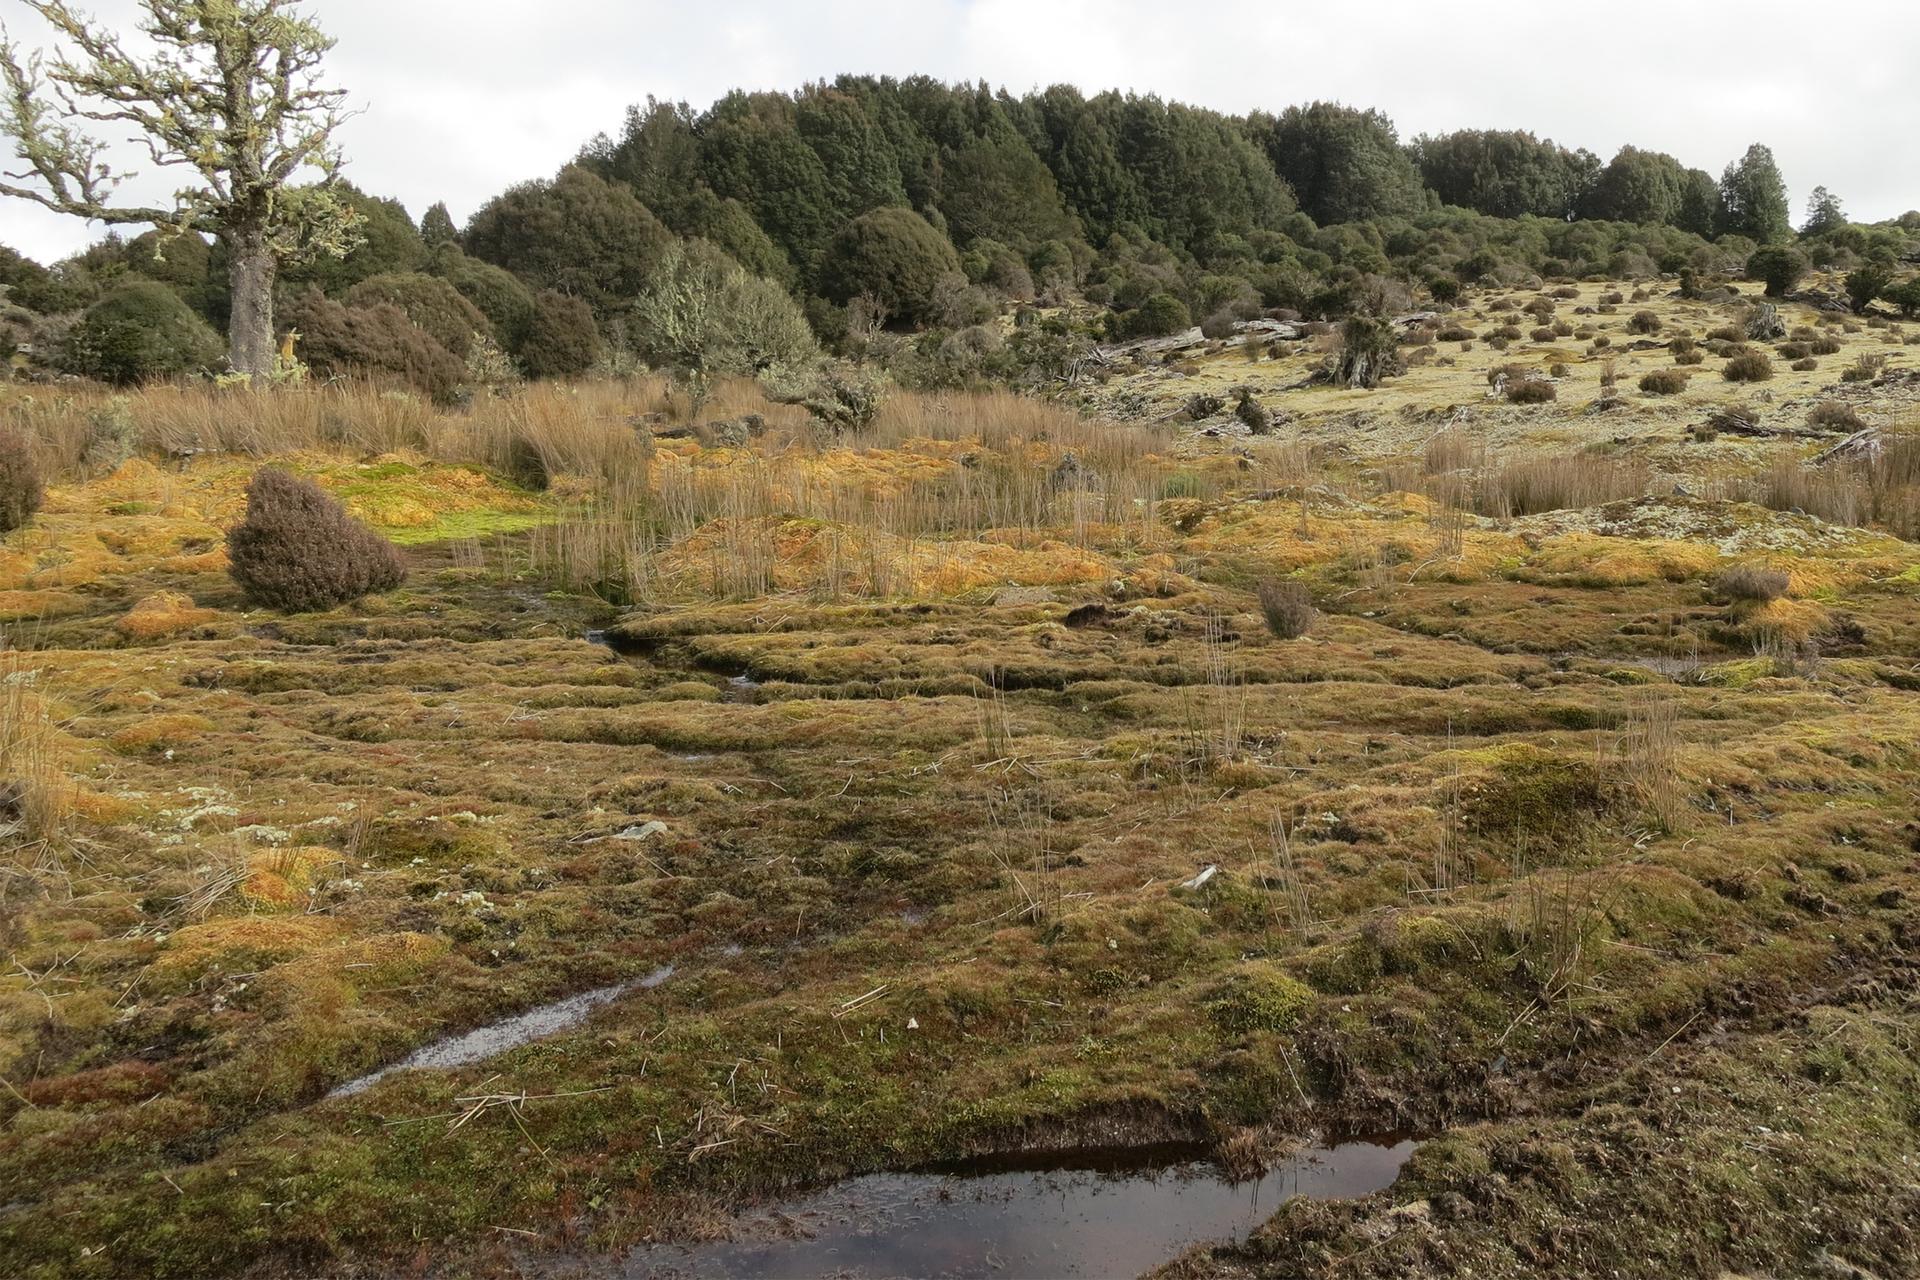 Fotografia przedstawia teren ozabarwieniu brunatnym, porośnięty gęsto mchem torfowcem. Jest podmokły, gdyż wzagłębieniach znajdują się kałuże wody. Wgłębi rosną drzewa, pojedynczo iwskupieniach. Taki krajobraz jest charakterystyczny dla torfowisk ibagien.